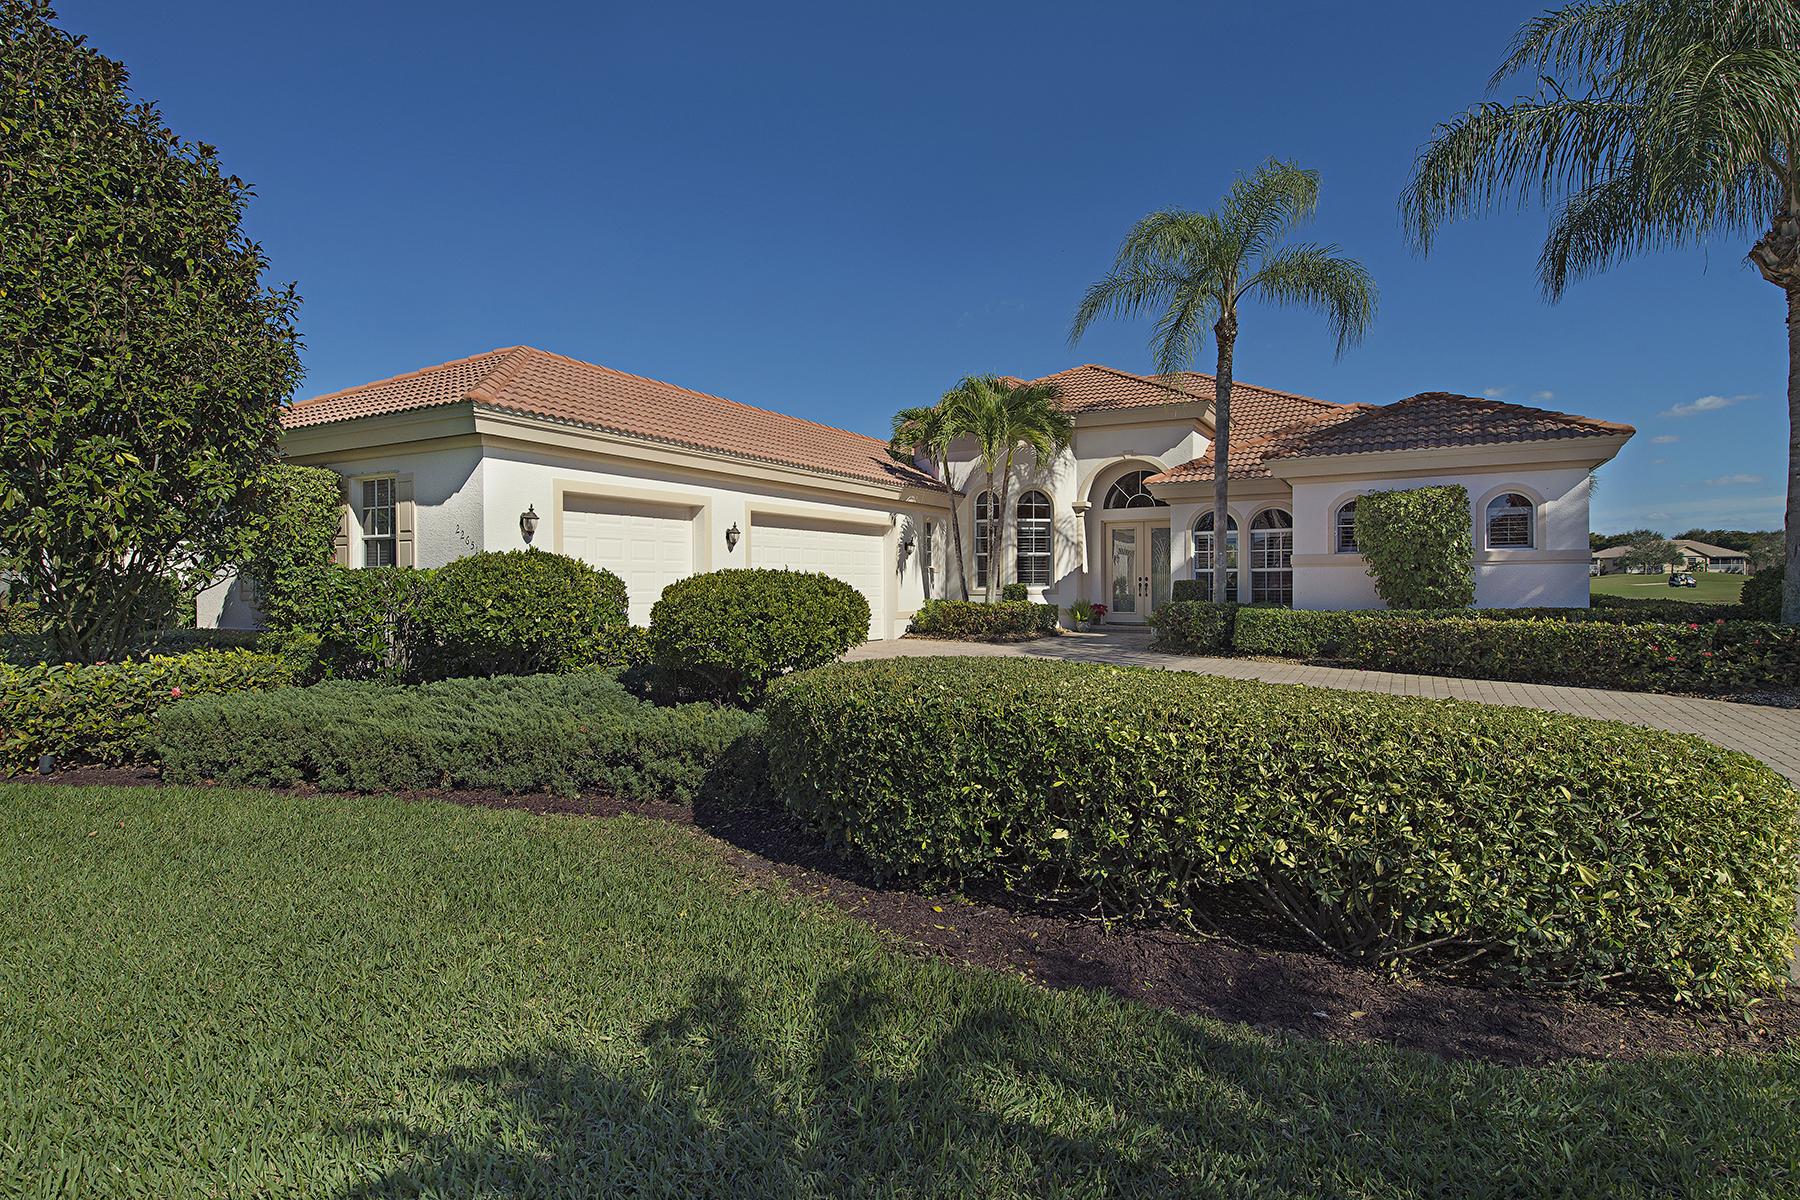 一戸建て のために 売買 アット 22651 Fairlawn Ct , Estero, FL 34135 22651 Fairlawn Ct Estero, フロリダ, 34135 アメリカ合衆国